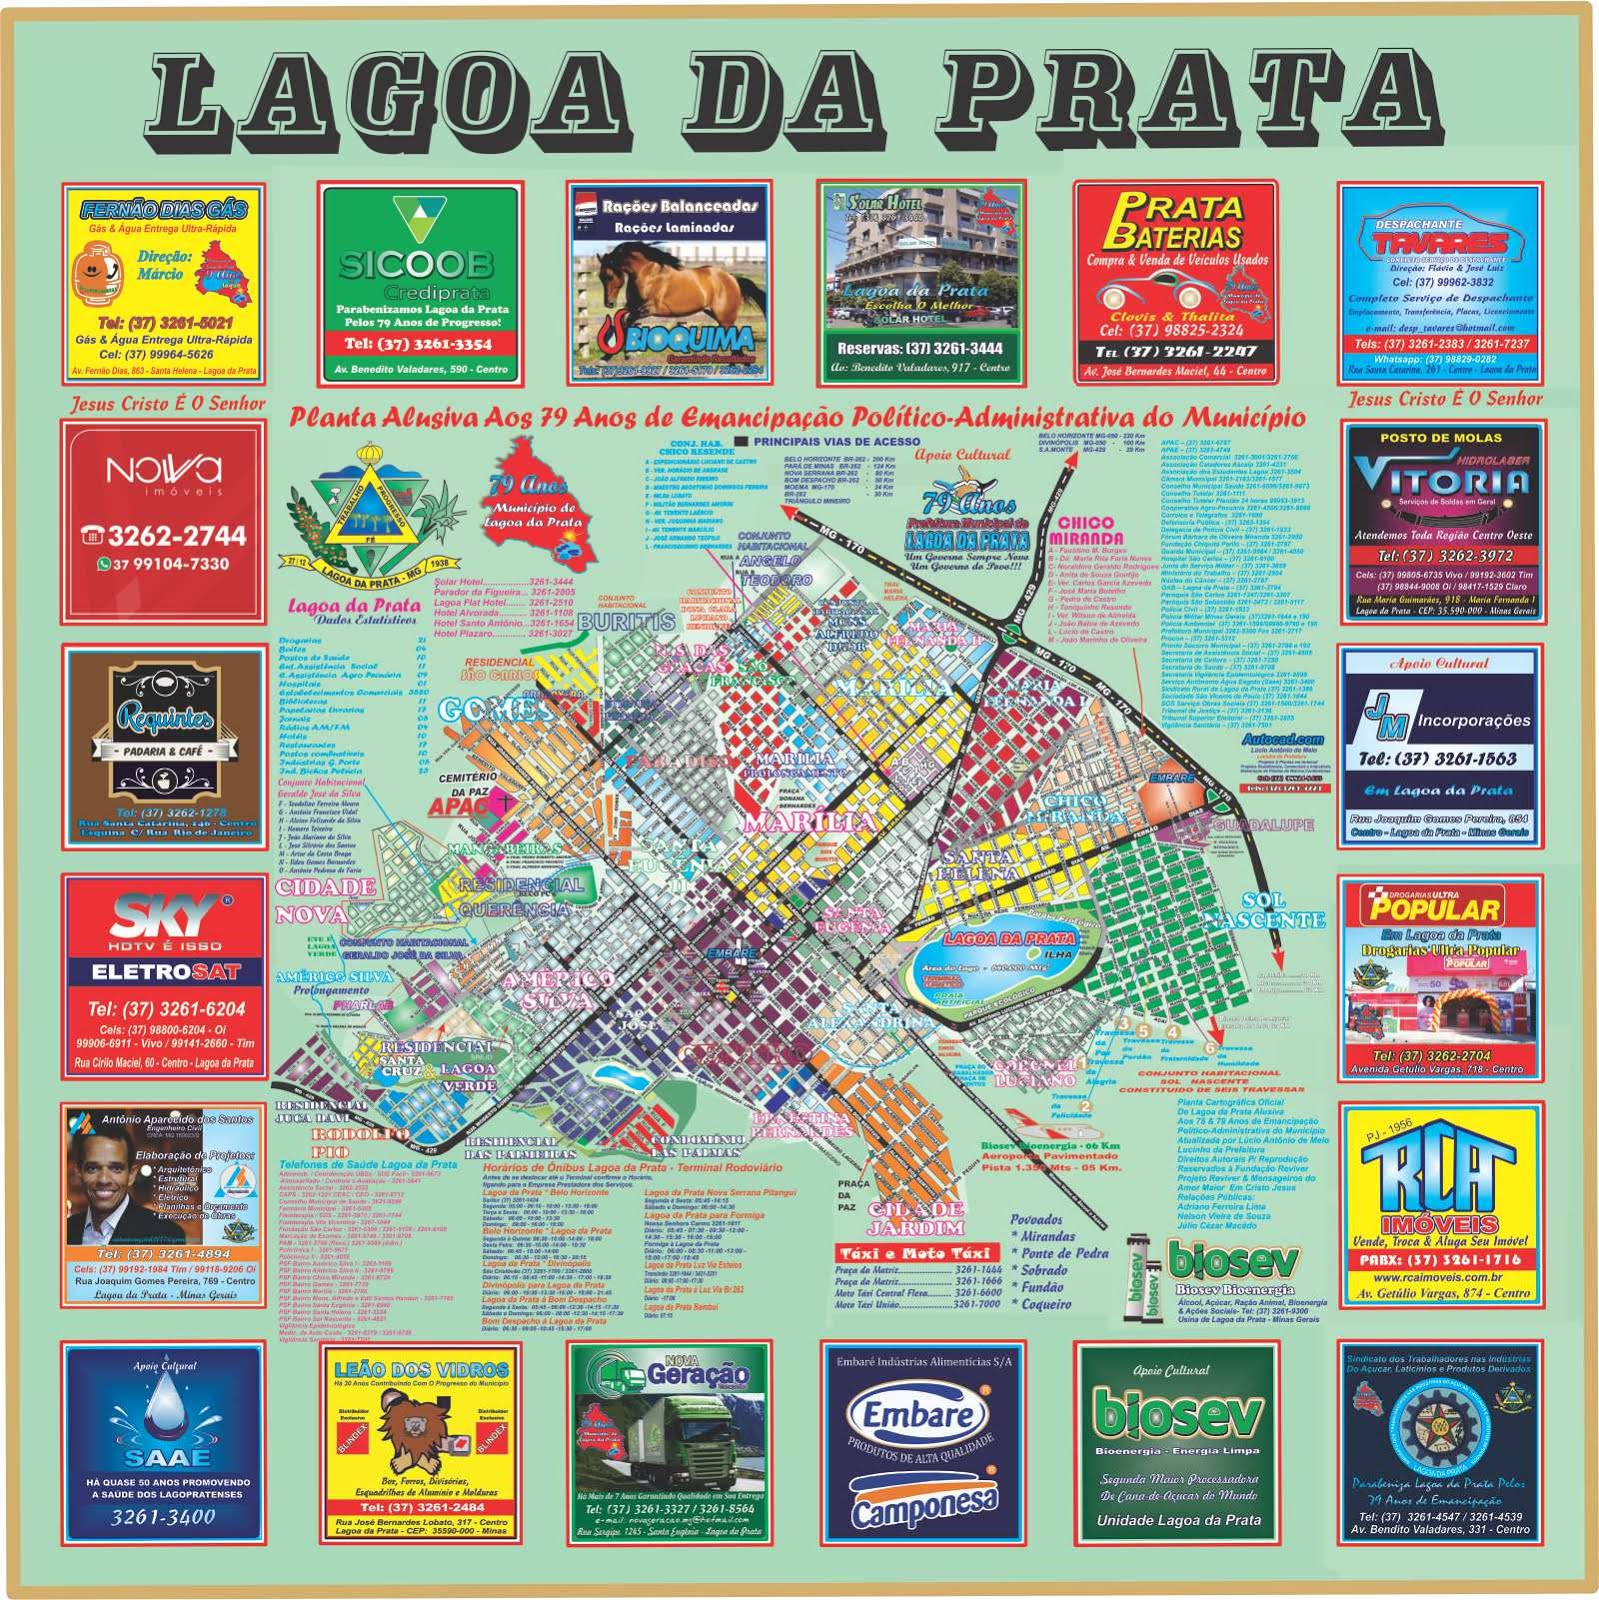 Mapa Completo de Lagoa da Prata